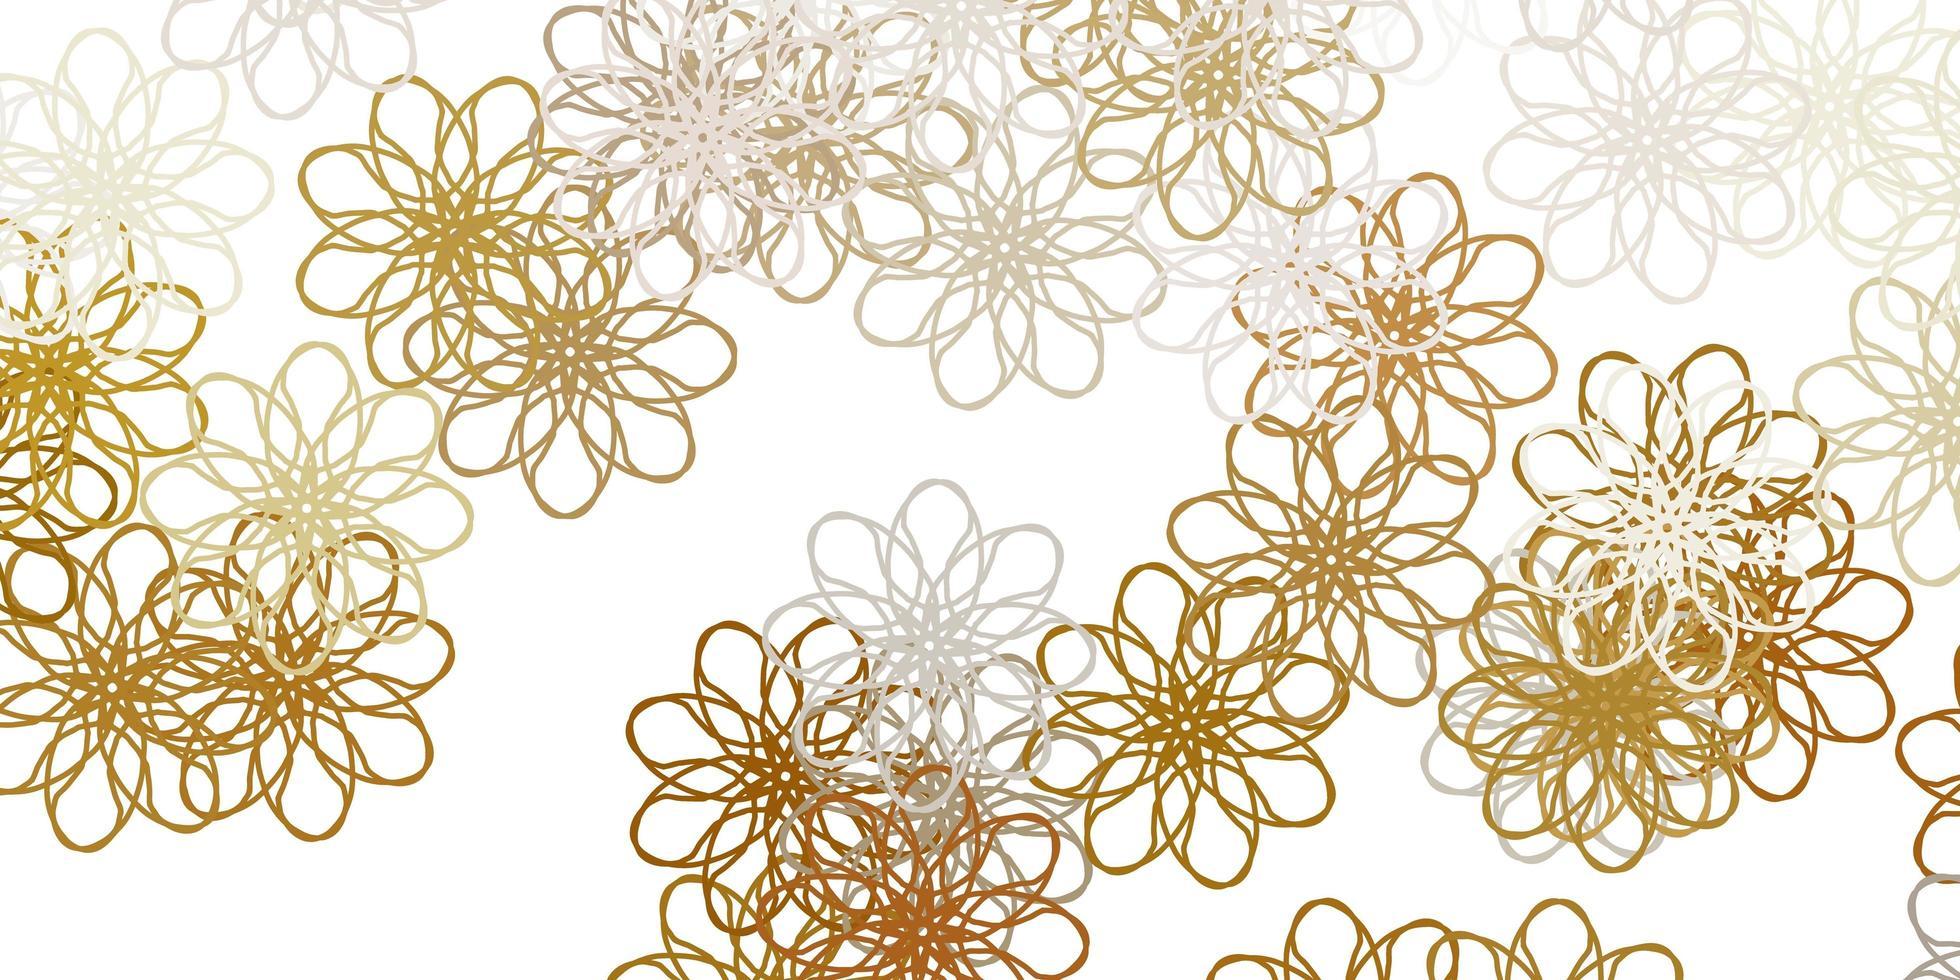 lichtgrijs vectorkrabbelpatroon met bloemen. vector